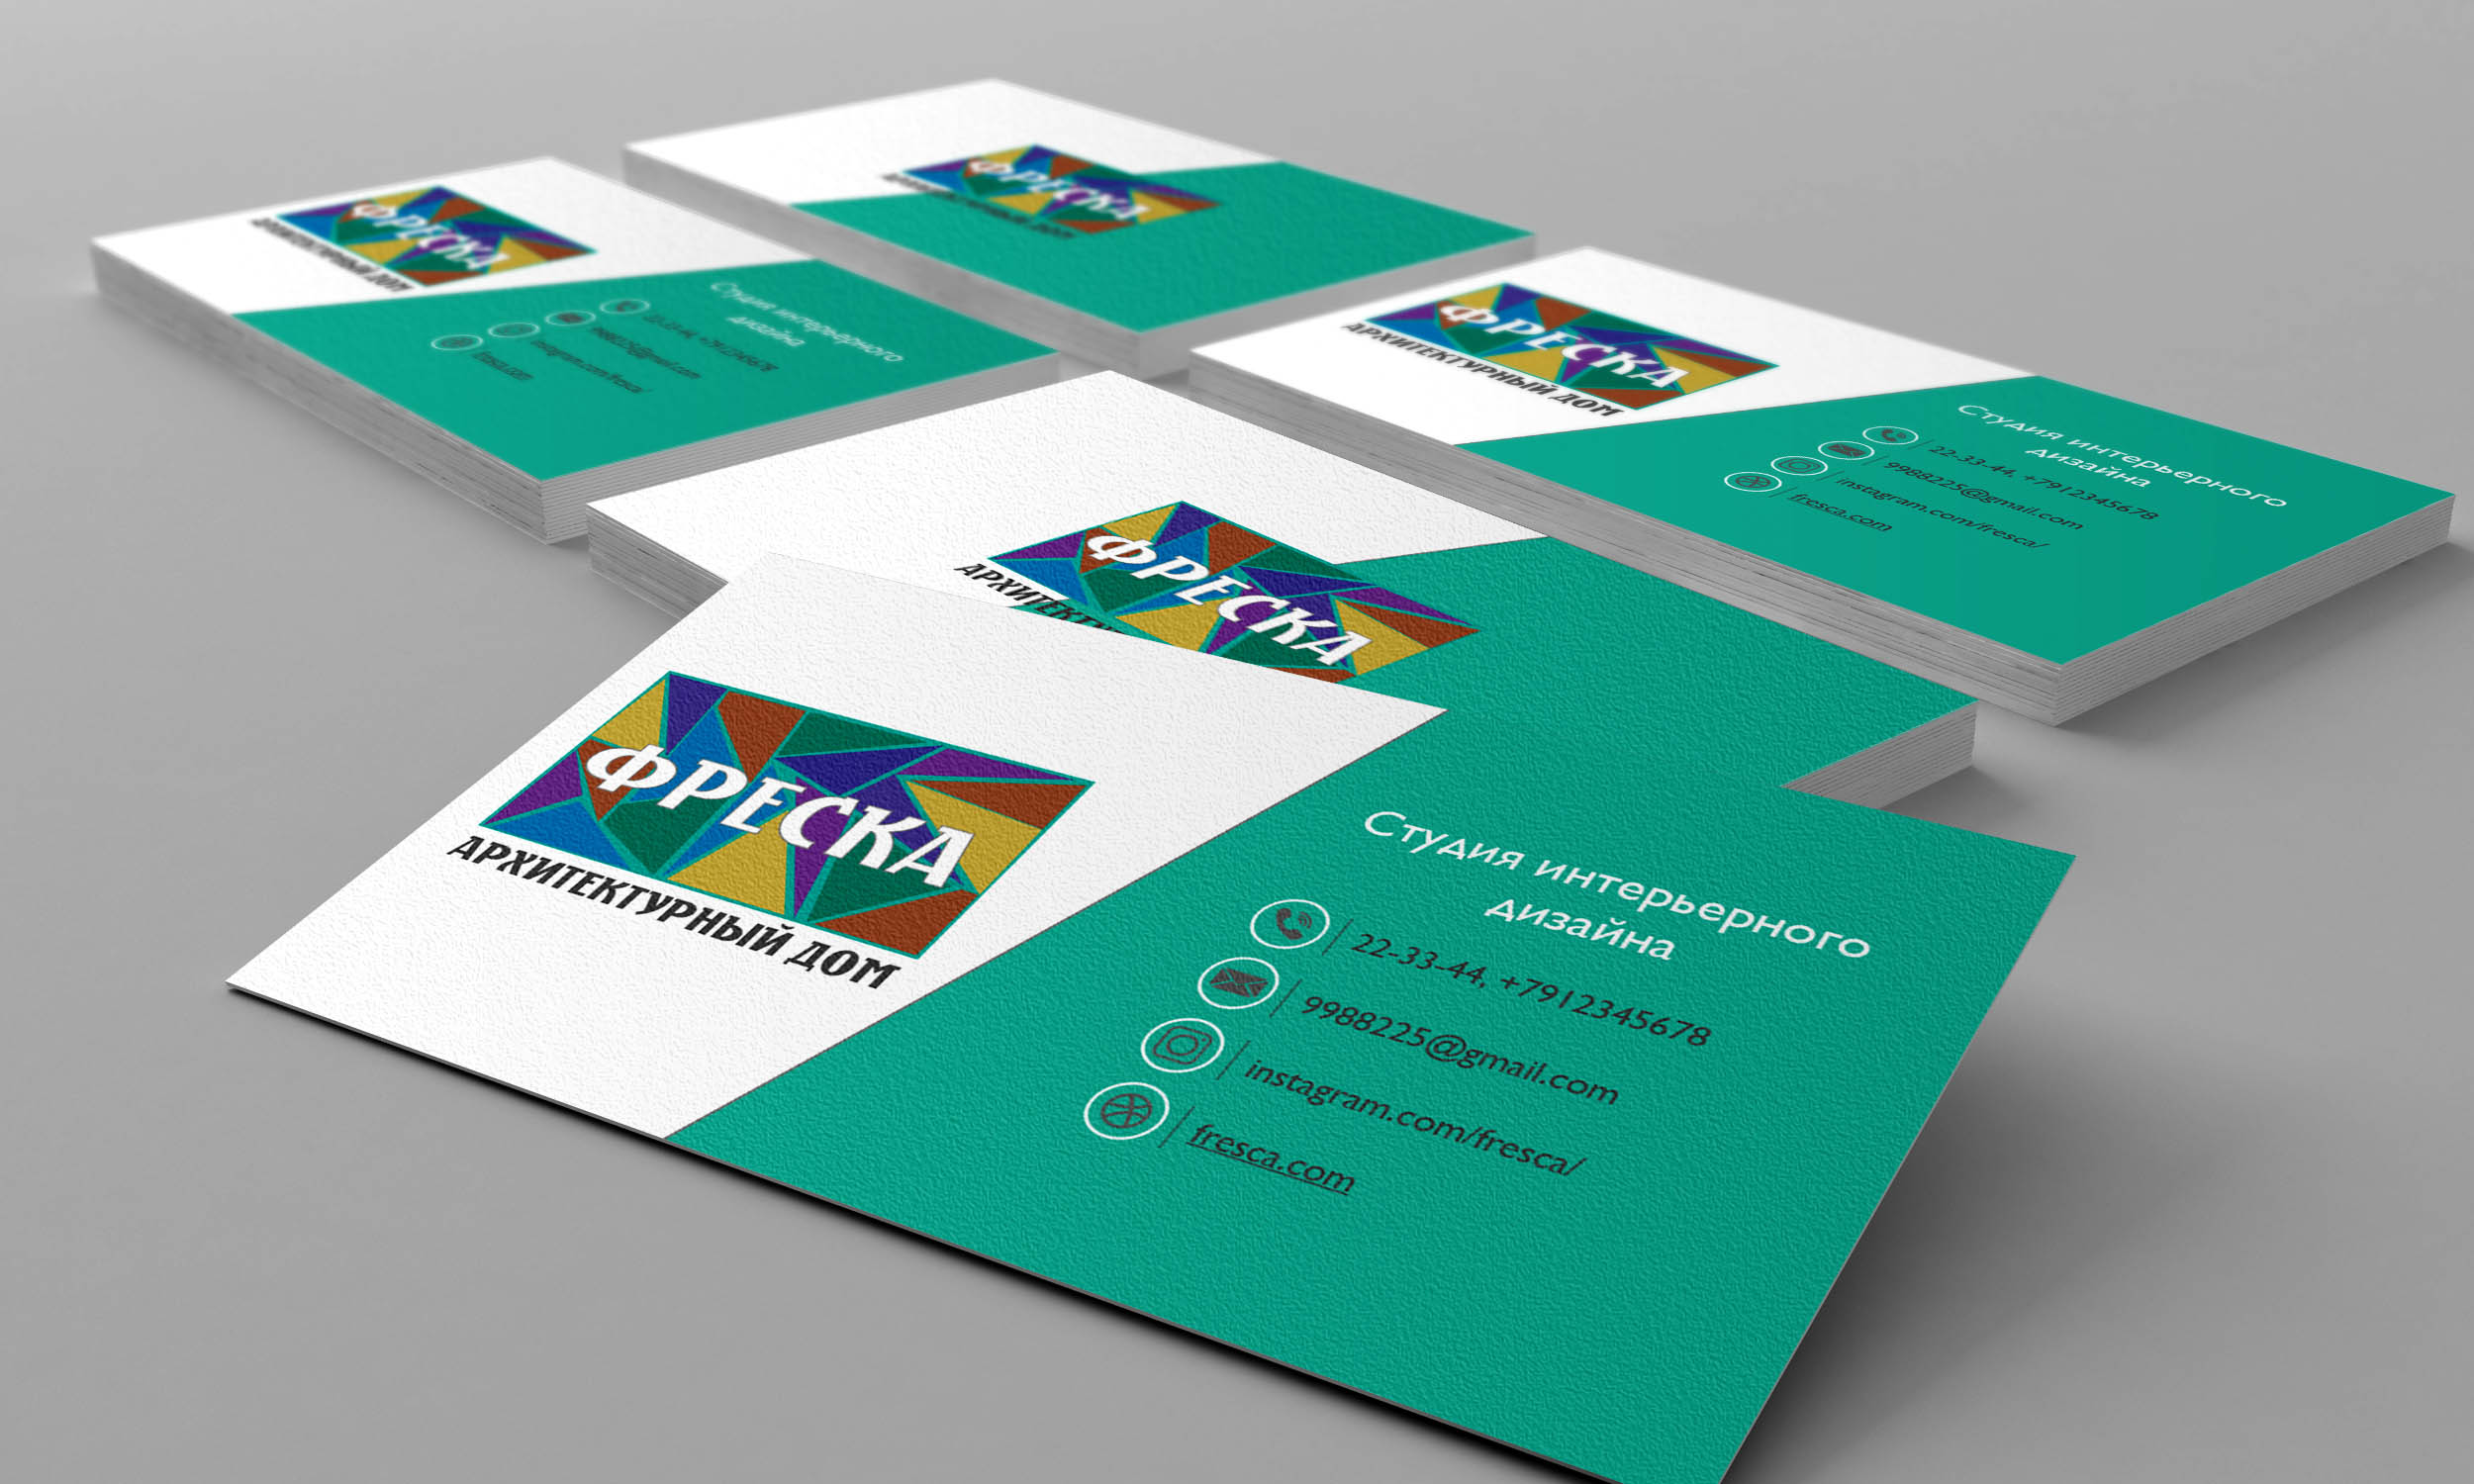 Разработка логотипа и фирменного стиля  фото f_5225aa629a706029.jpg